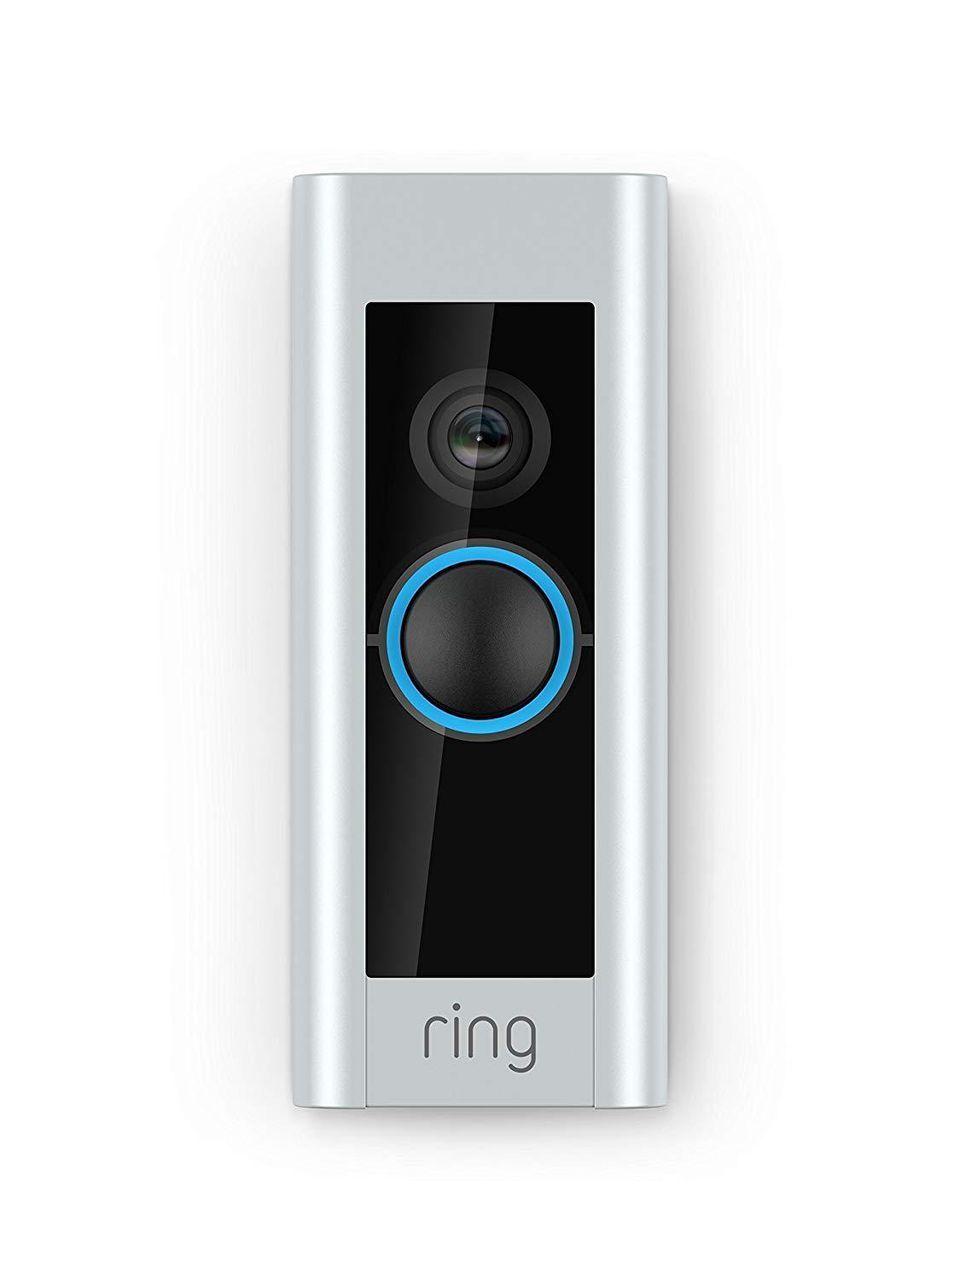 Ring Video Doorbell 2 Vs Ring Video Doorbell Pro | Ring ...